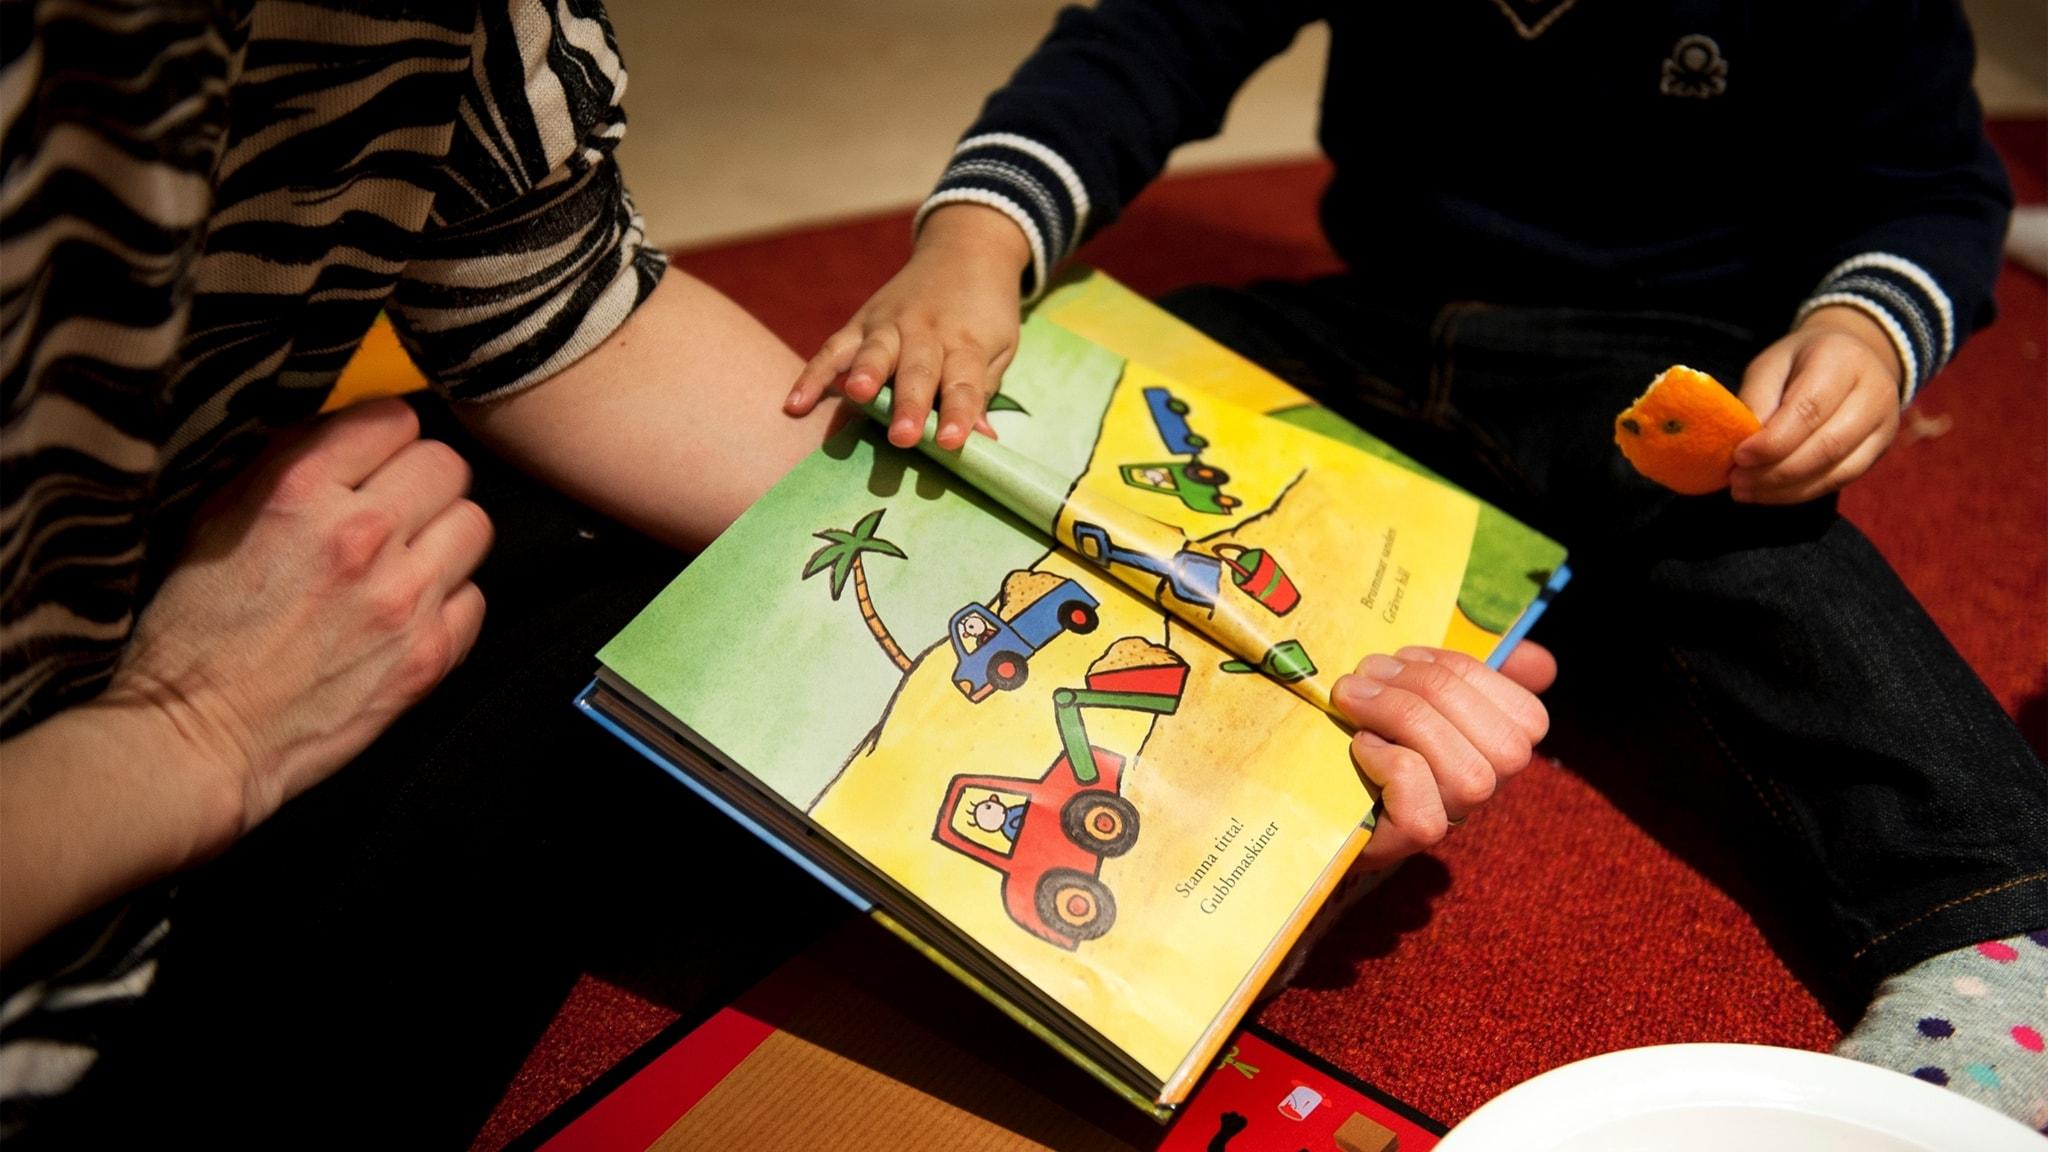 Förskolor där svenska språket försvinner